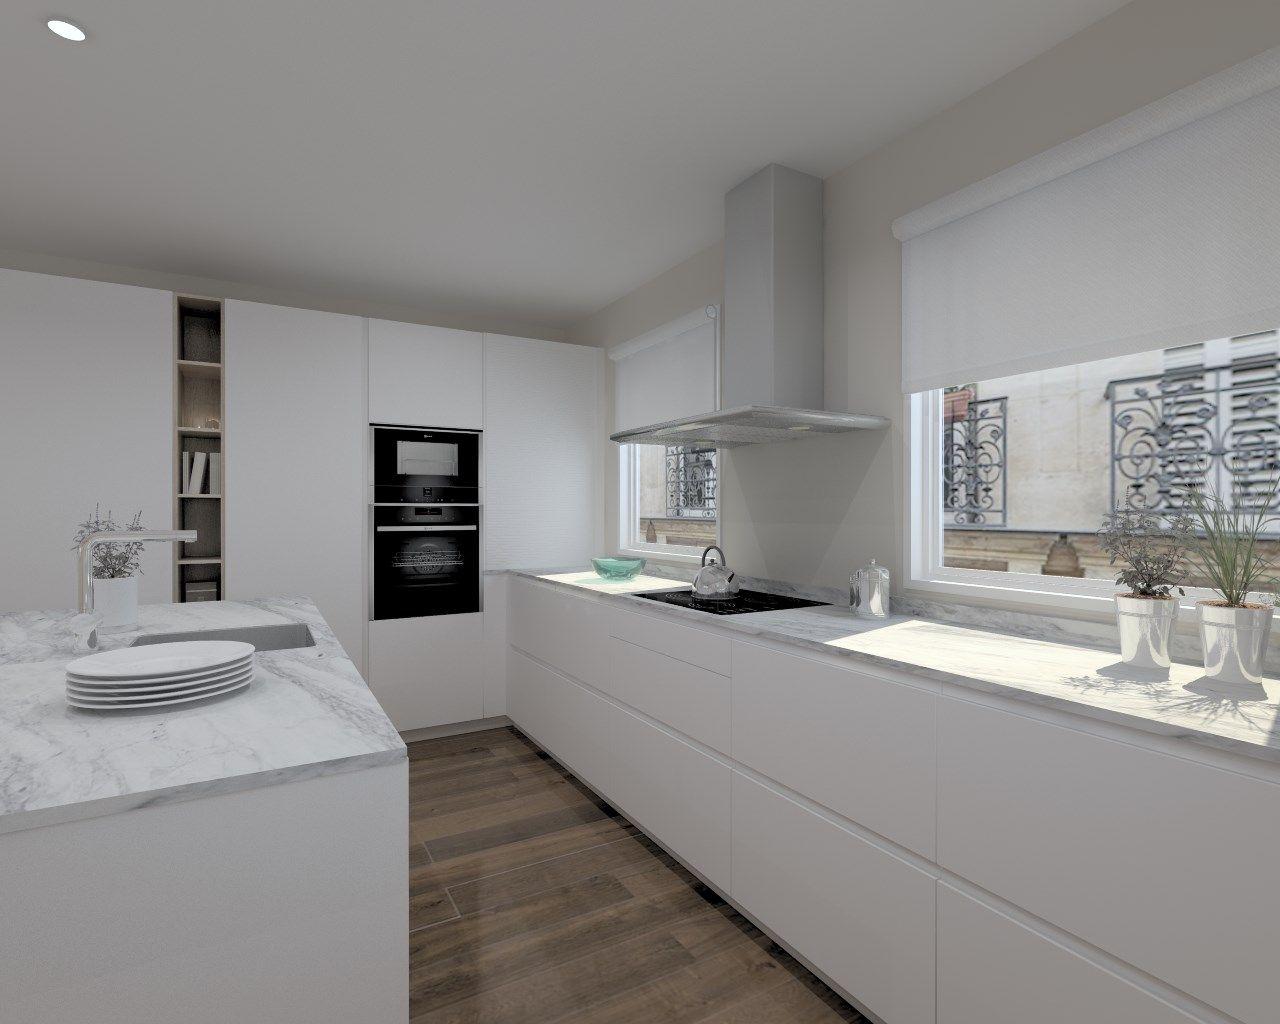 Cocinas santos modelo line laca seda blanco encimera - Modelo de cocinas ...